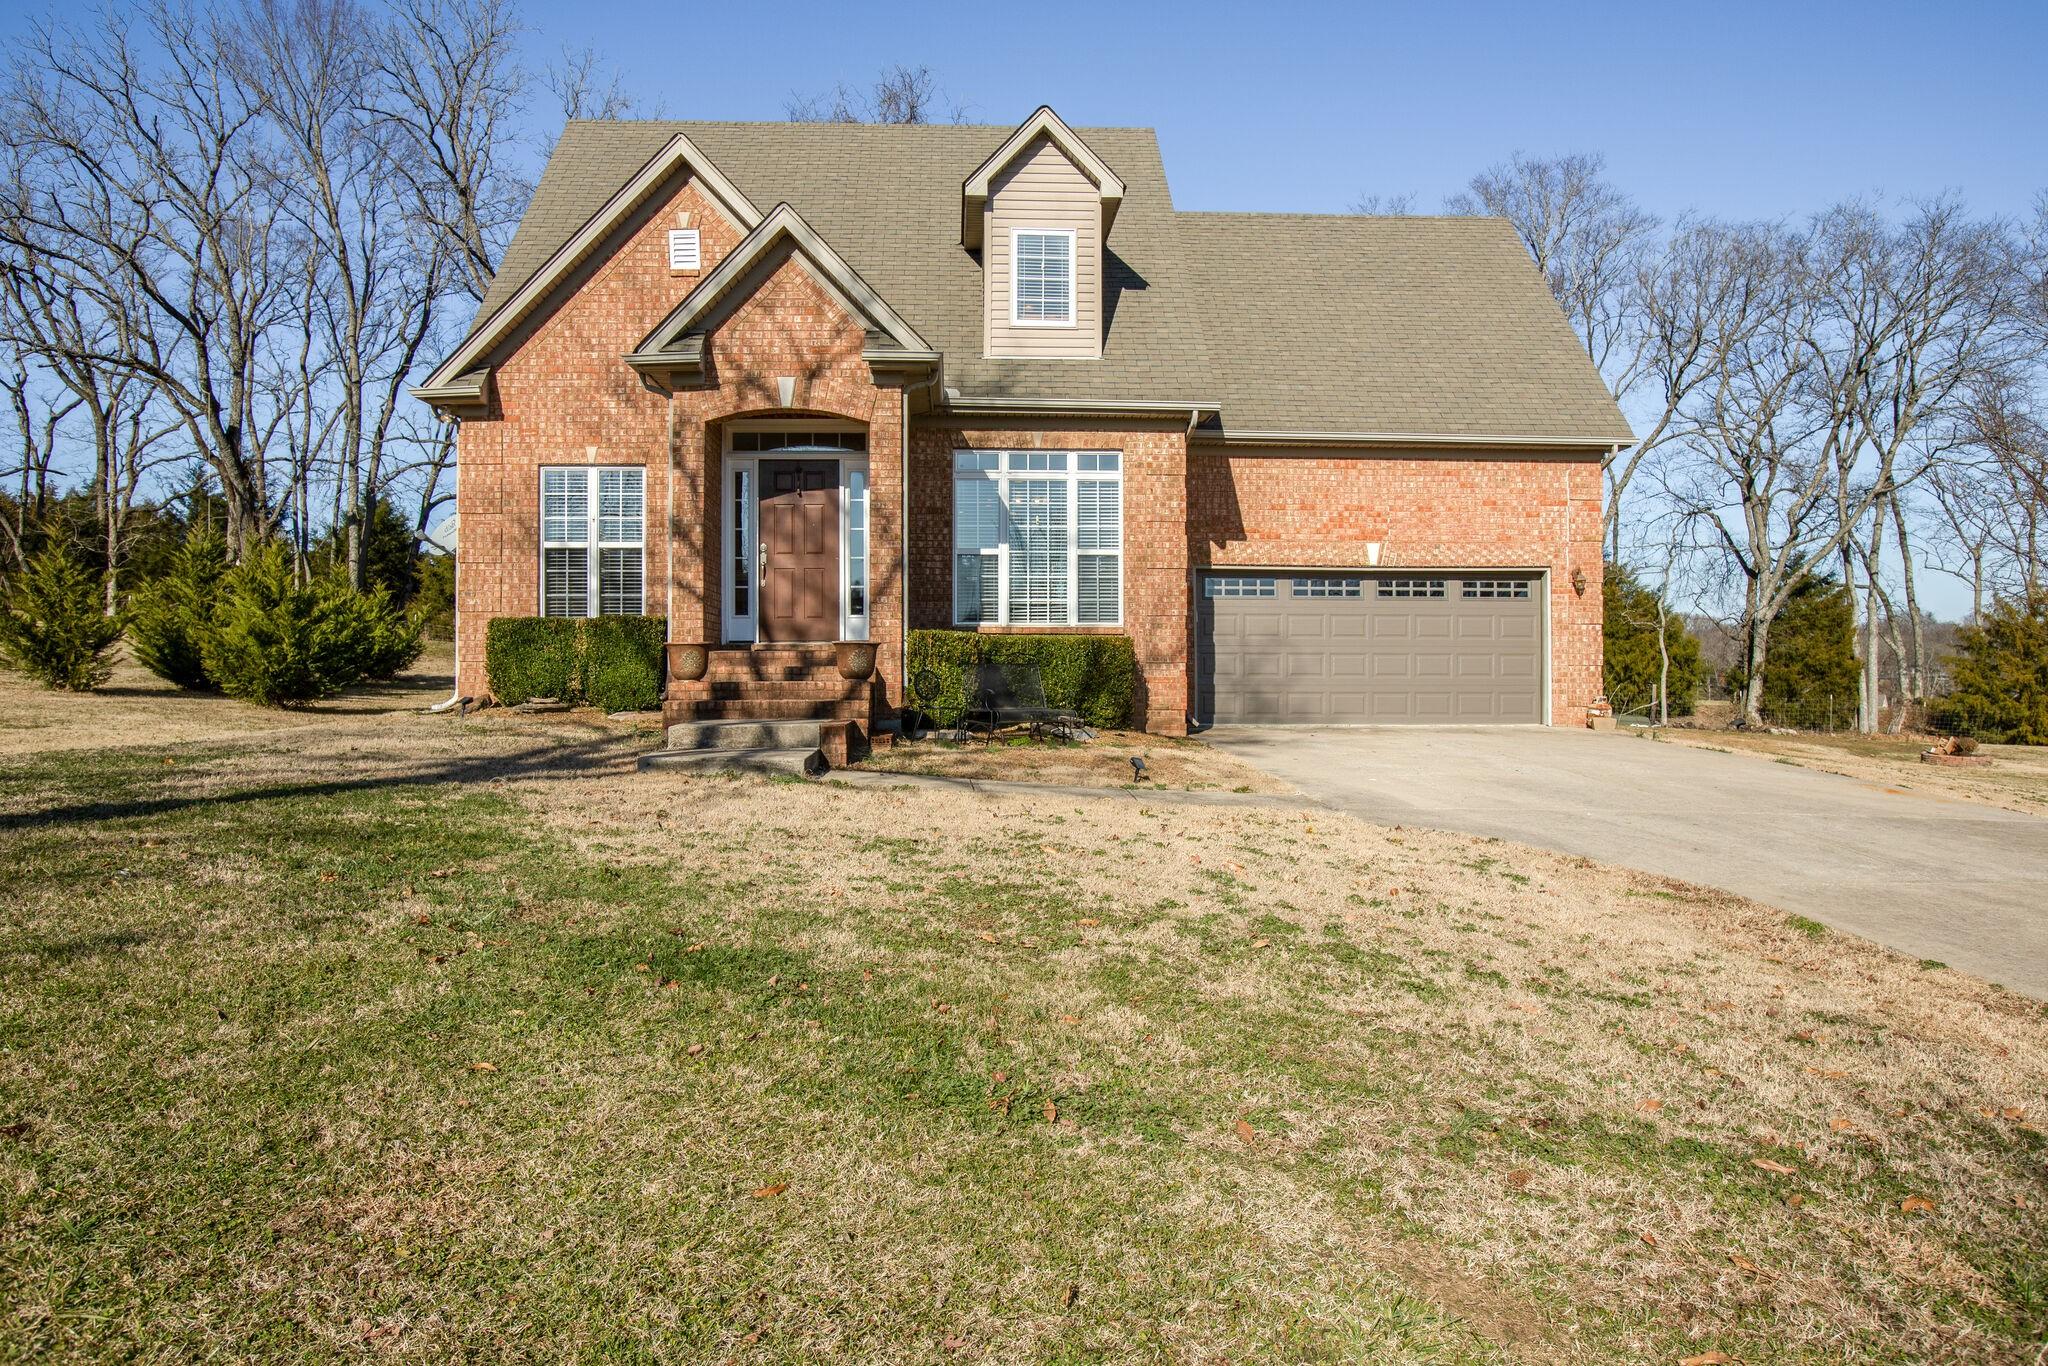 1020 Proud Eagle Dr Property Photo - Eagleville, TN real estate listing